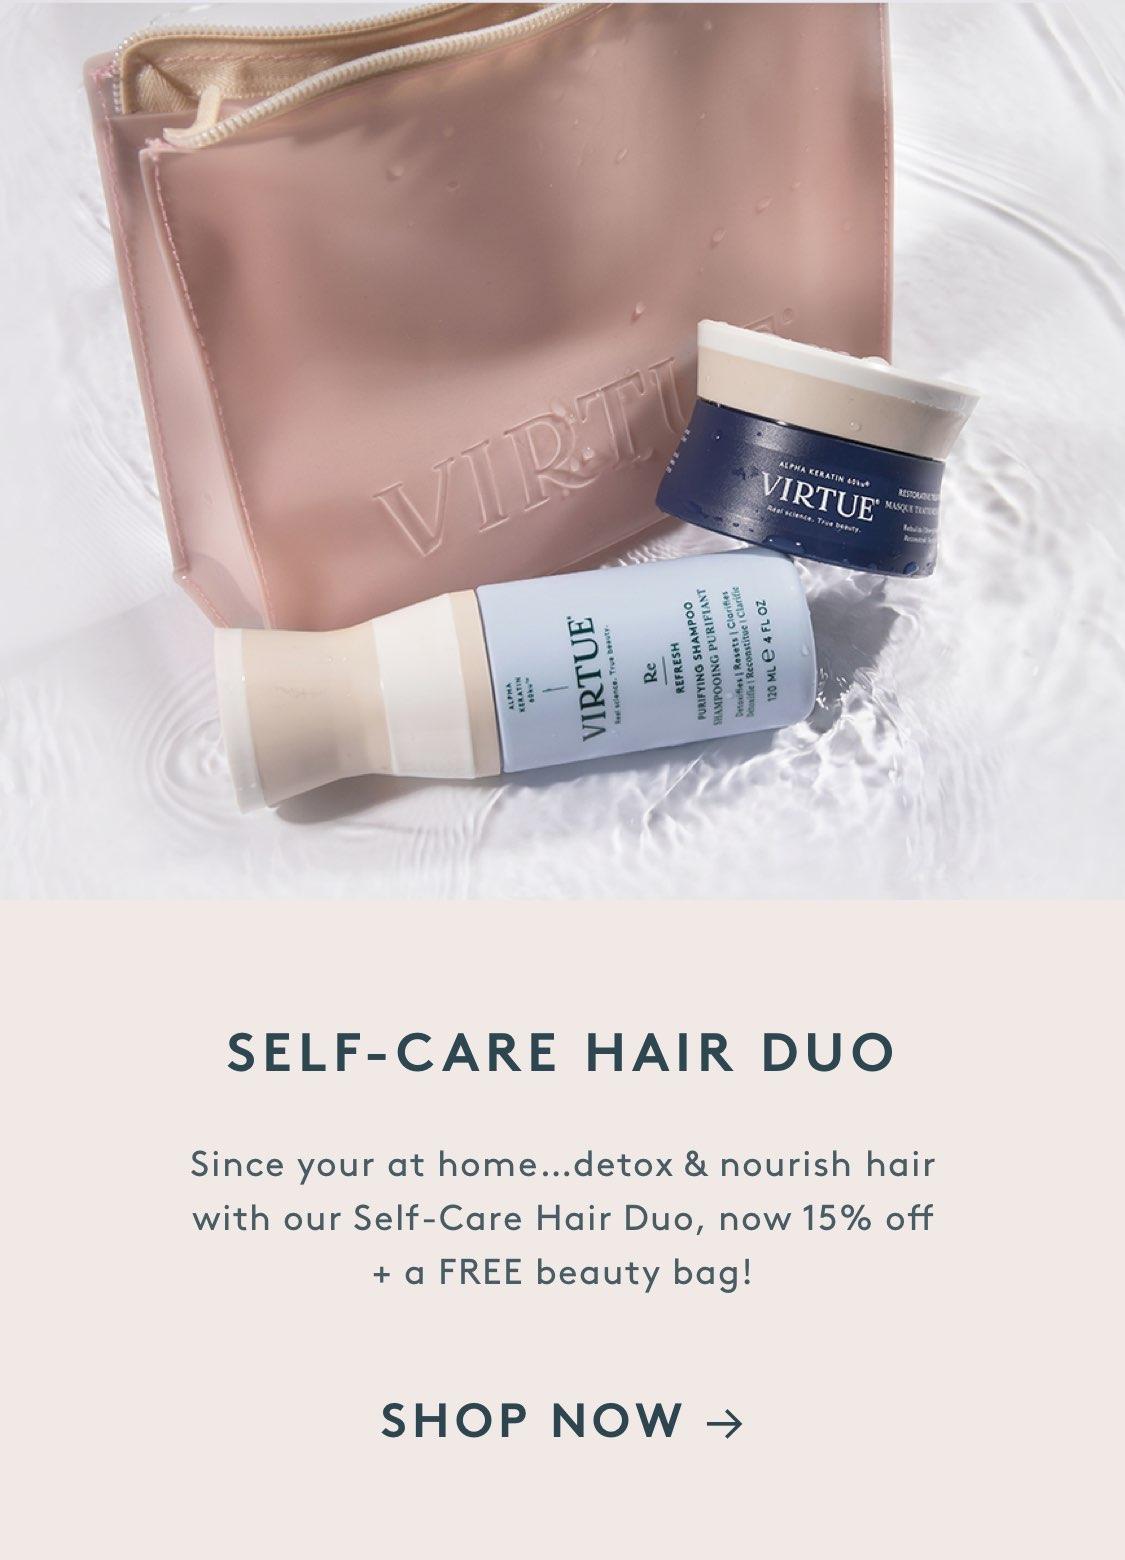 Self-Care Hair Duo